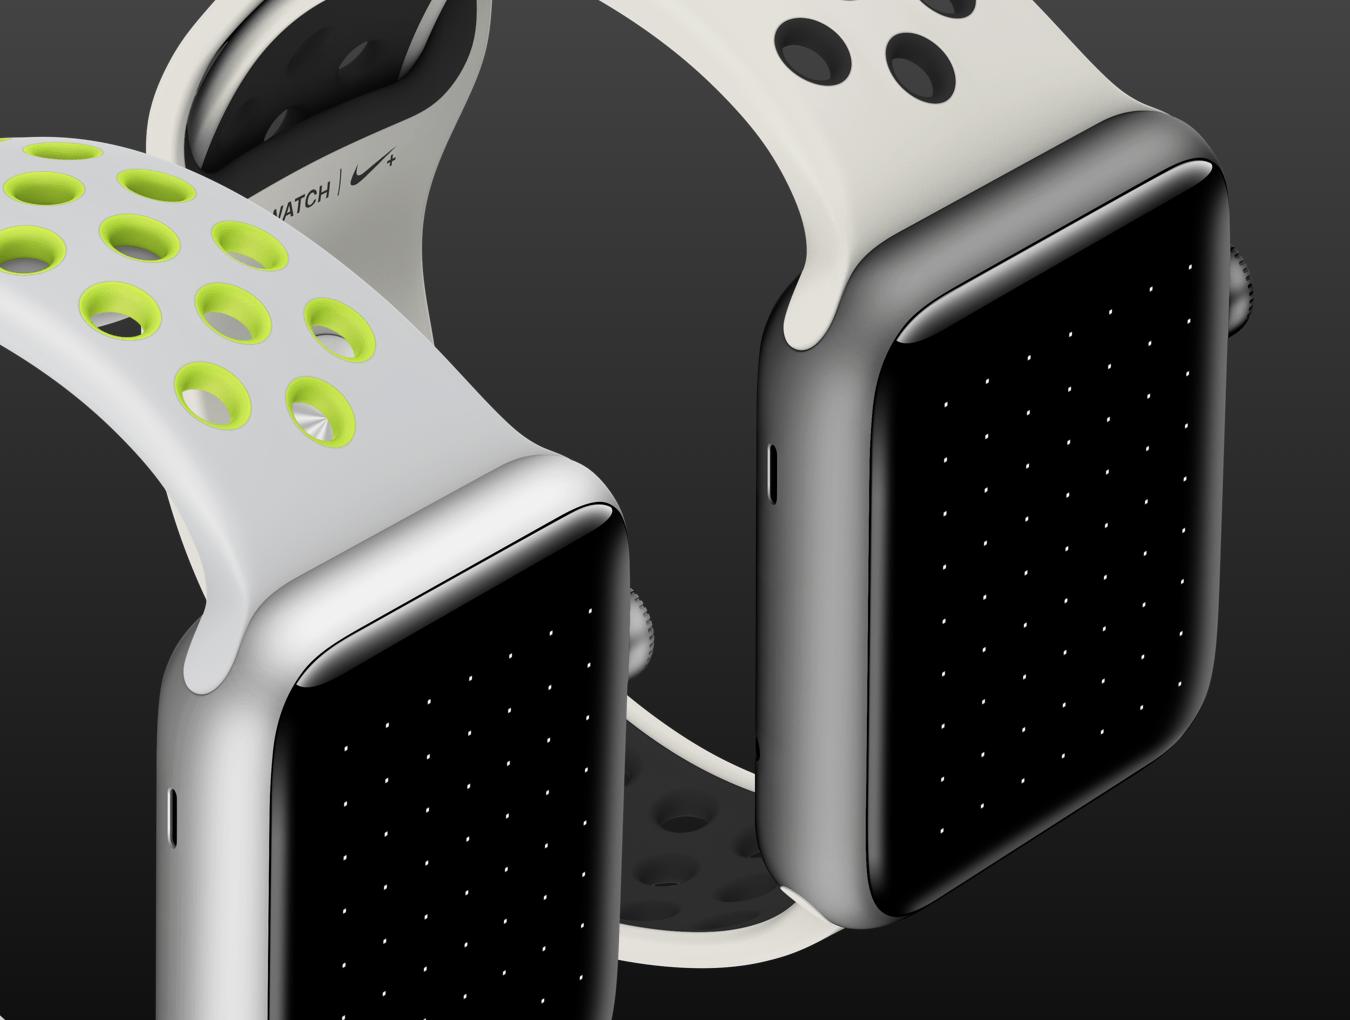 5款前视图苹果手表Apple Watch展示样机 Top 5 Apple Watch Views插图(3)